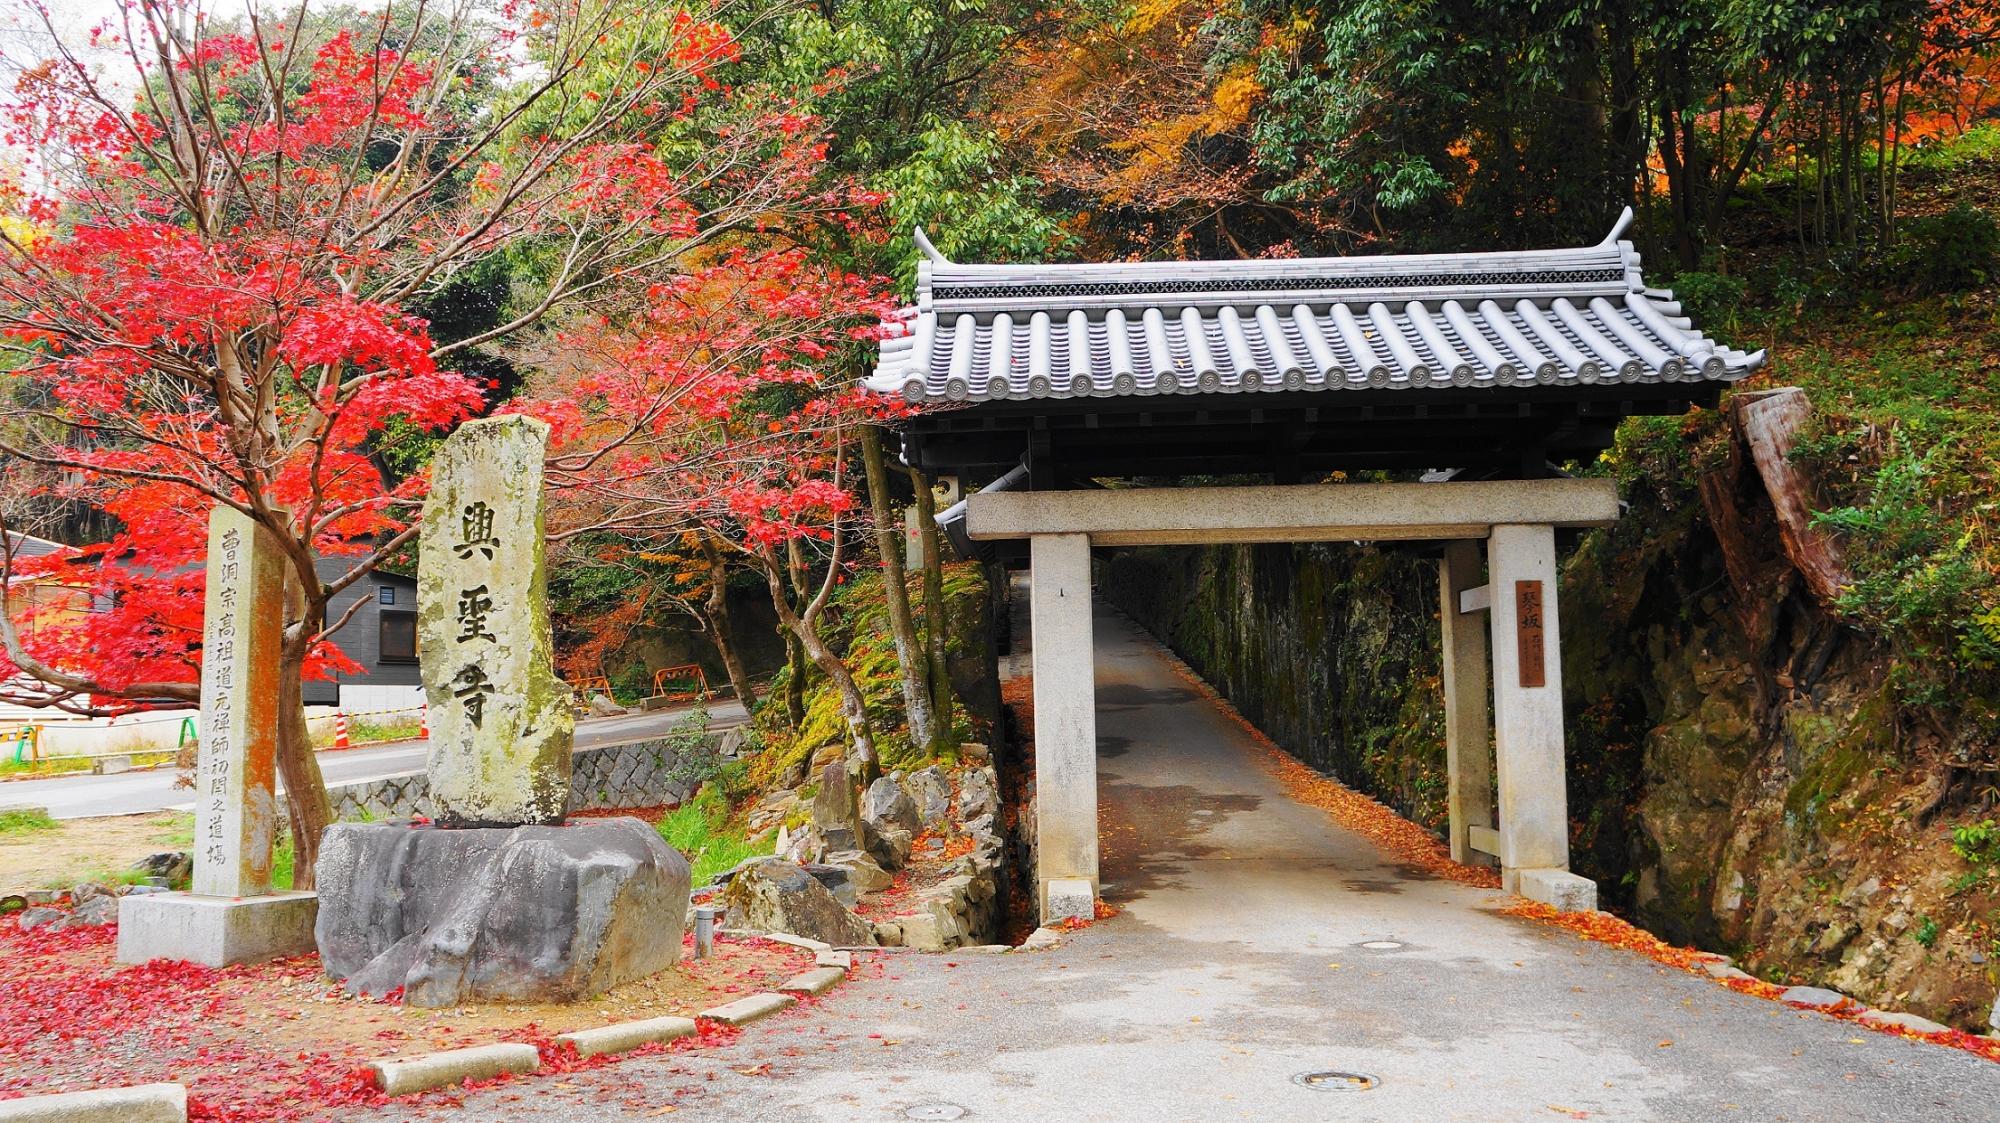 興聖寺の鮮やかな紅葉に彩られた石門(総門)